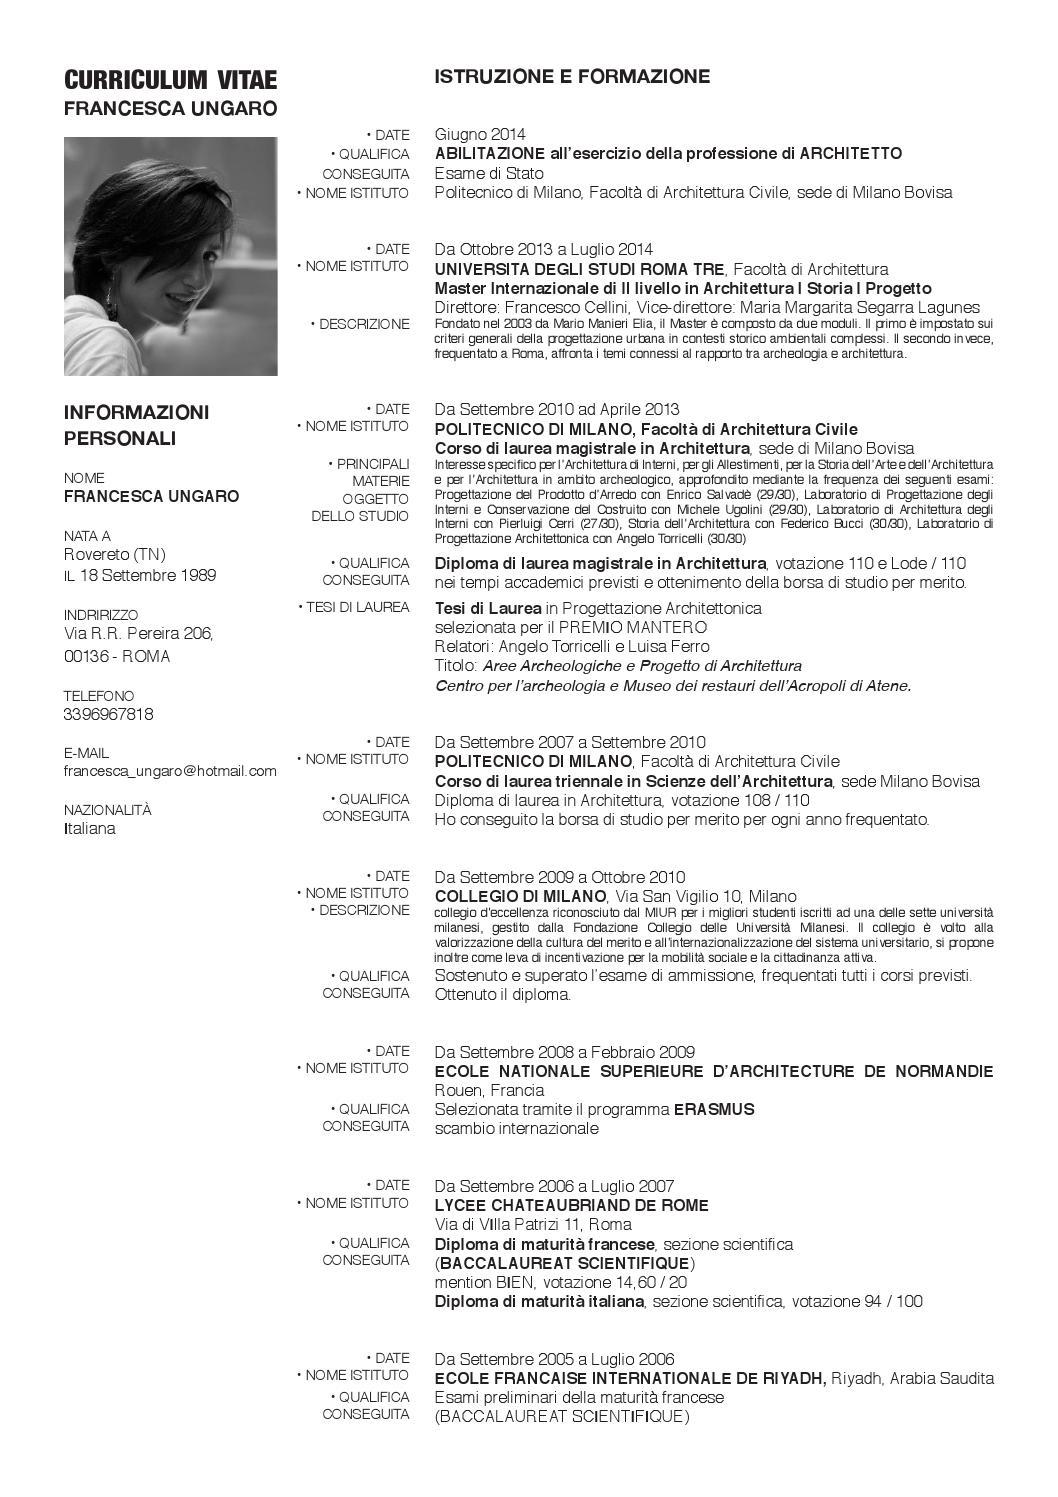 CV Francesca Ungaro By Francescaungaro Issuu